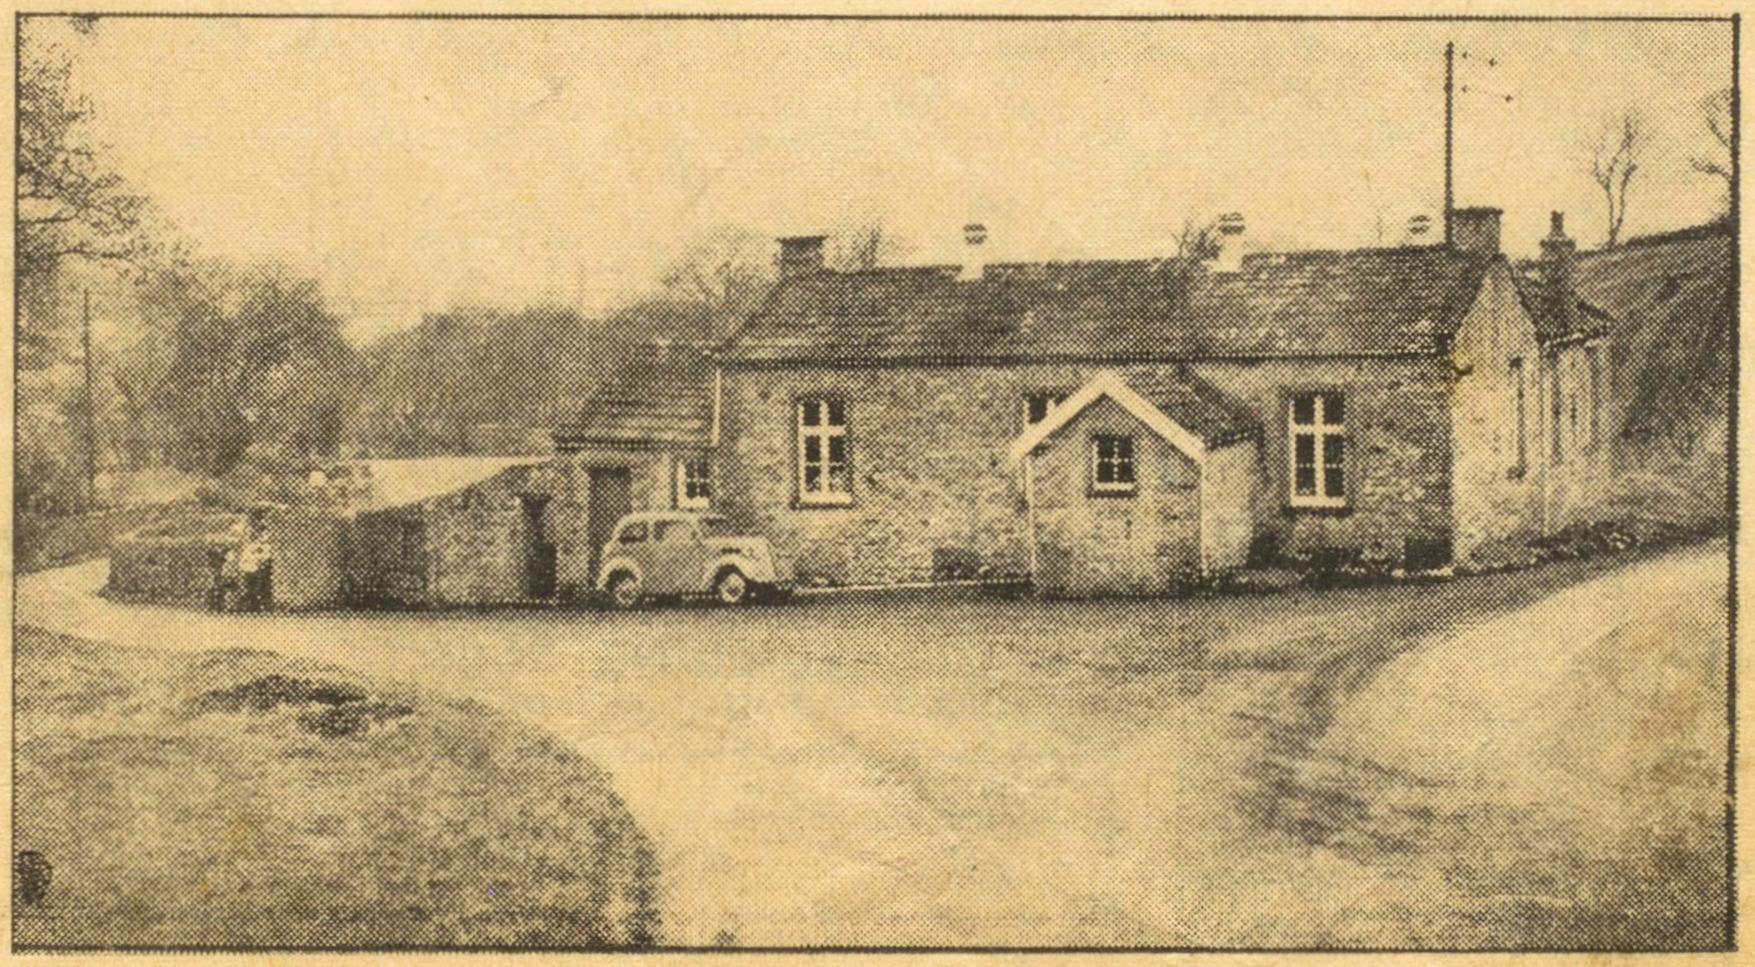 Cross Lanes School D&S Times Mar 1959